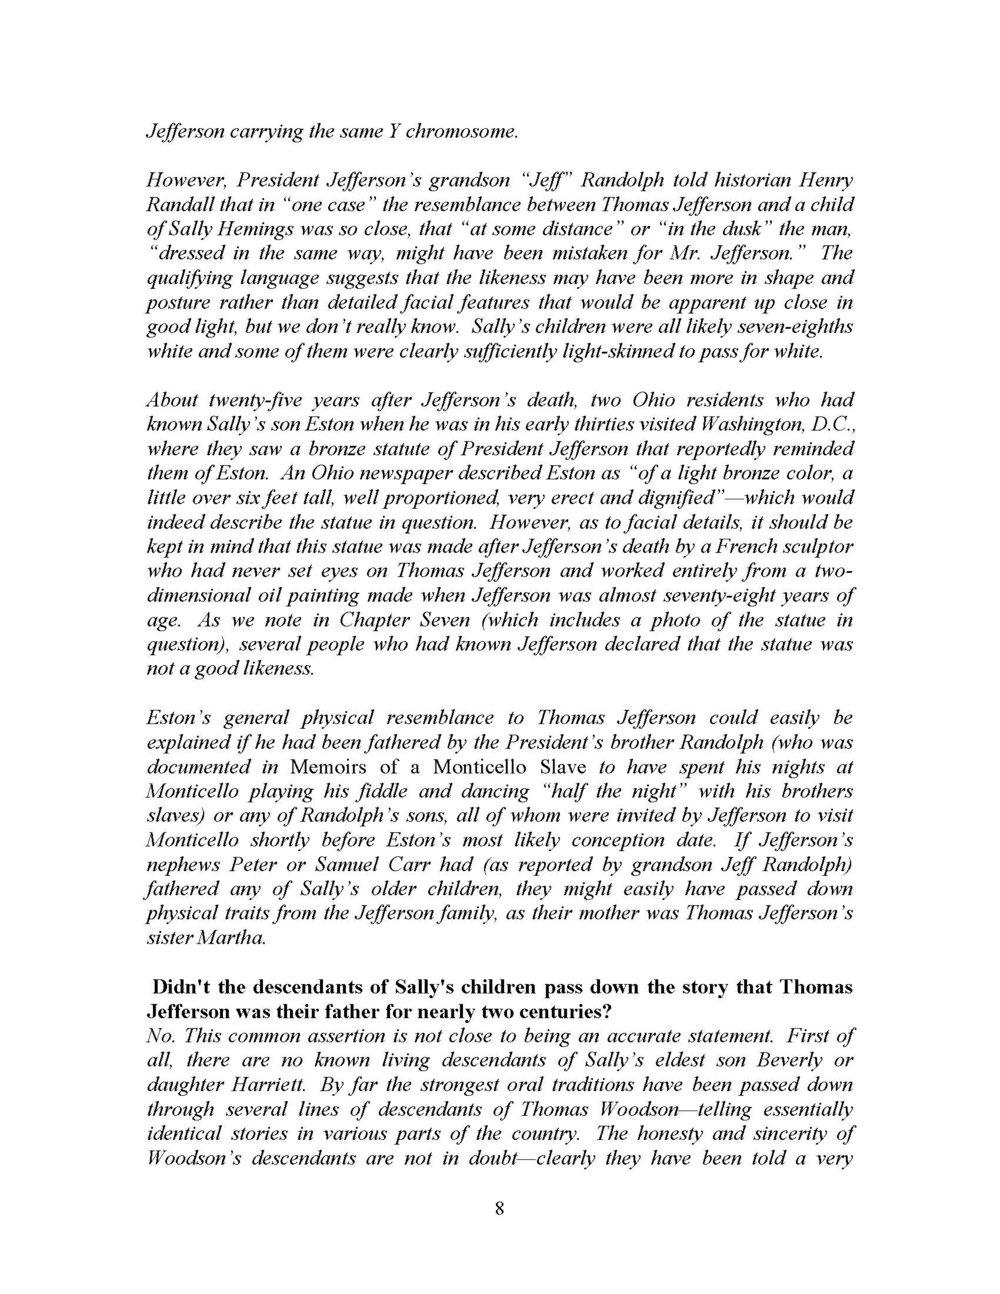 QAndA_Turner_9_10_11_Page_08.jpg